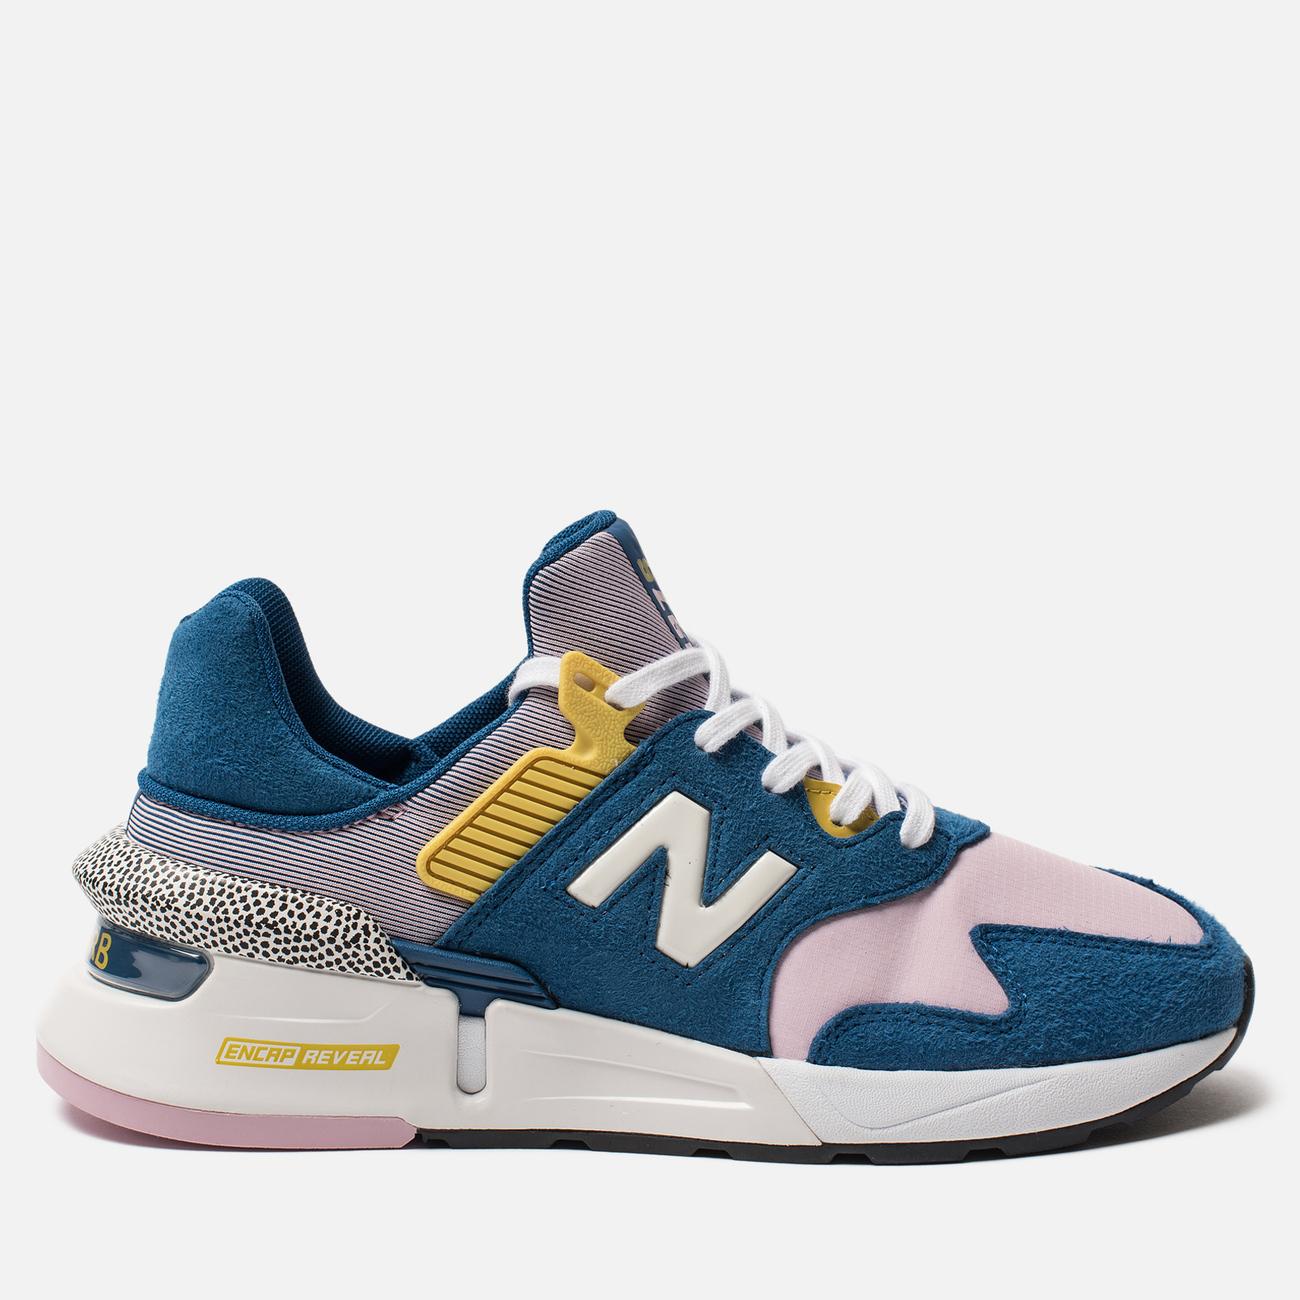 Женские кроссовки New Balance WS997JCE 997 Sport Blue/Pink